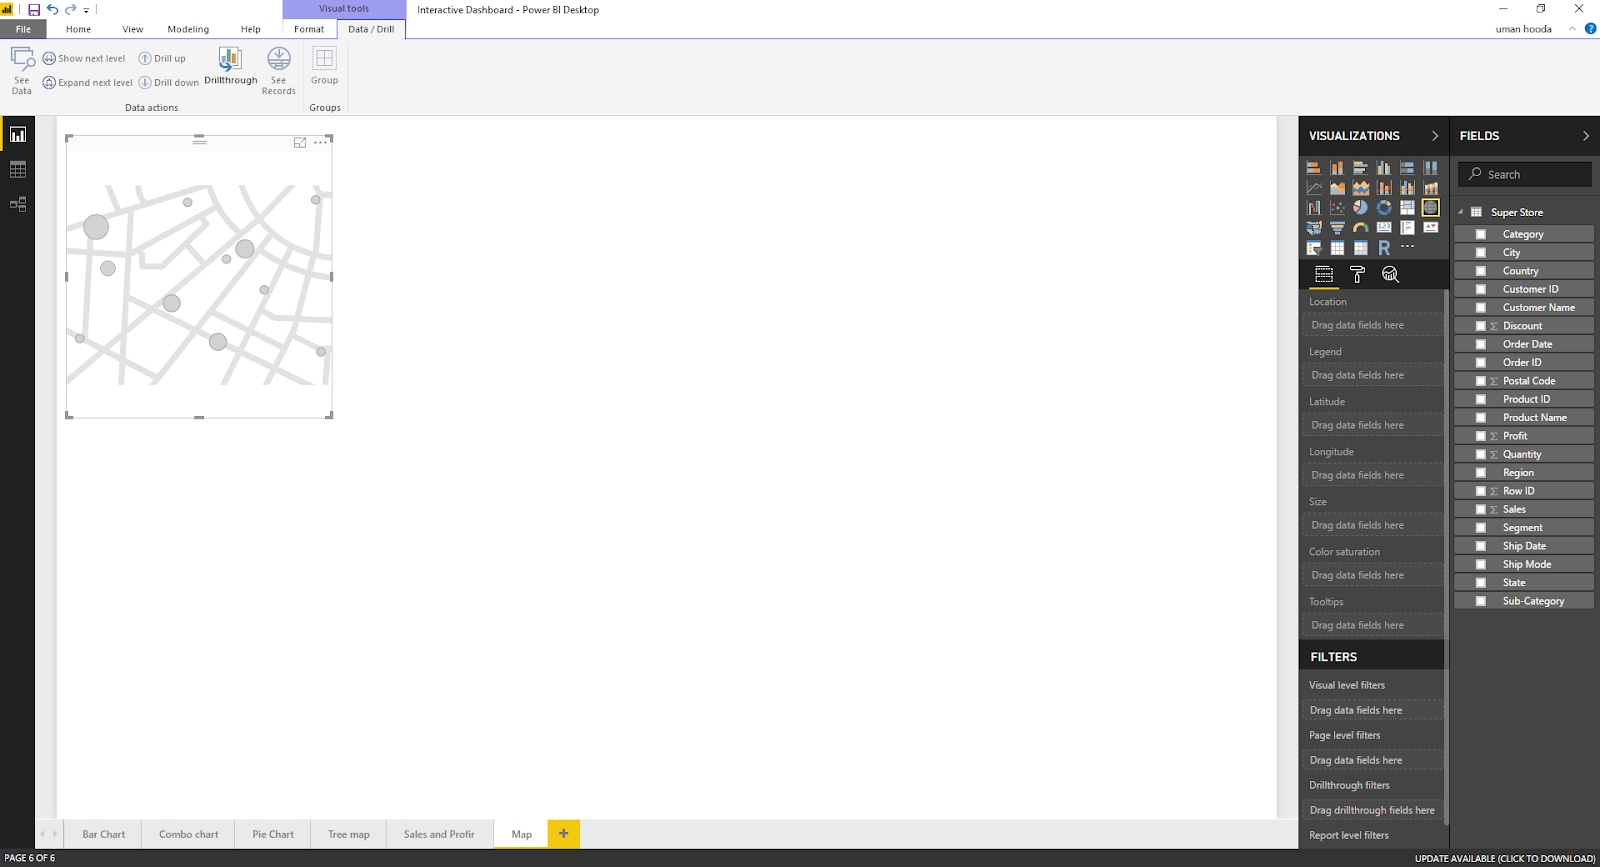 Interactive Dashboard In Microsoft Power BI 47